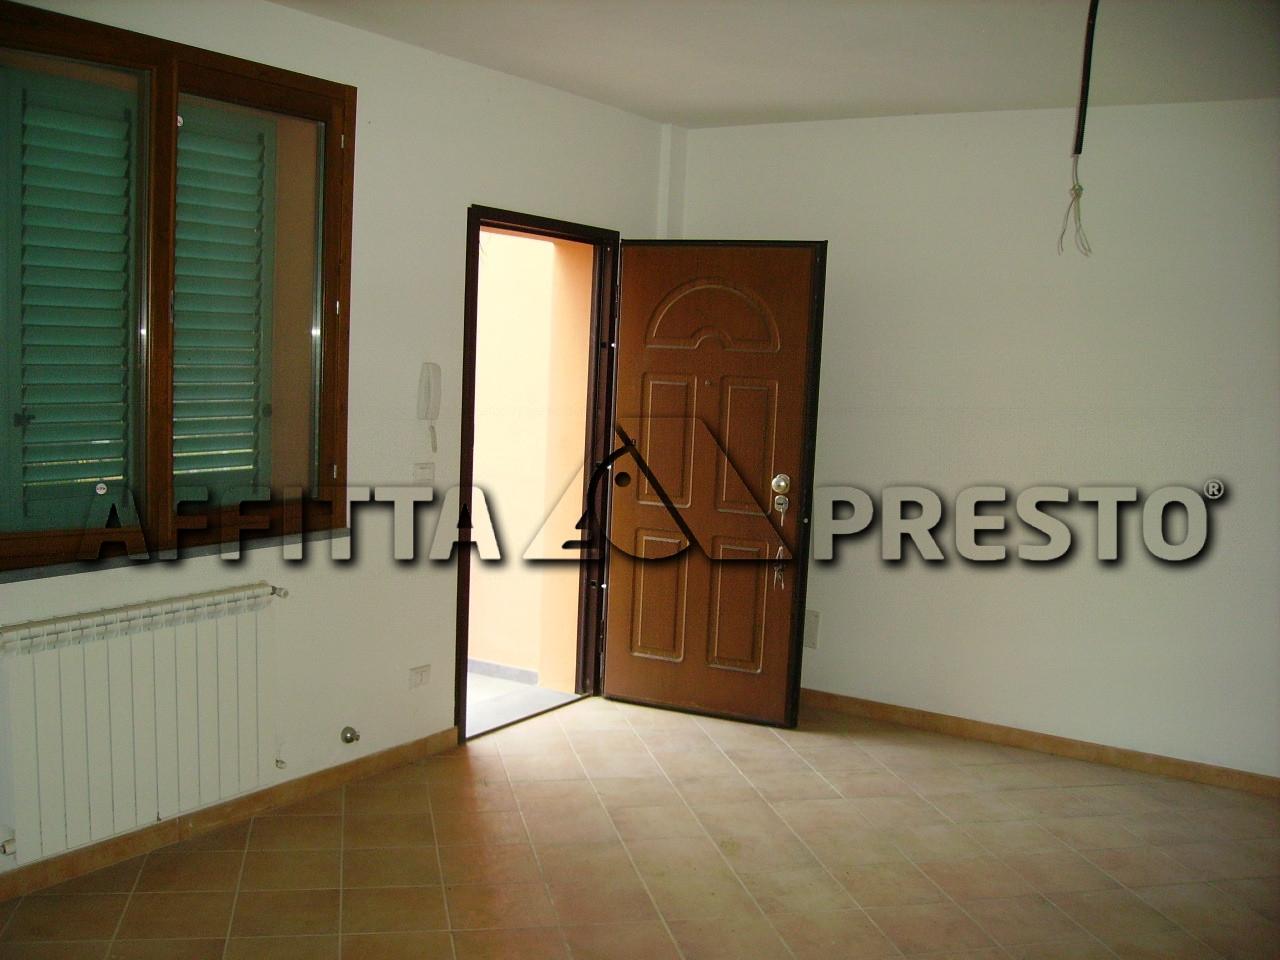 Villa in affitto a Rosignano Marittimo, 3 locali, zona Zona: Nibbiaia, prezzo € 550 | Cambio Casa.it